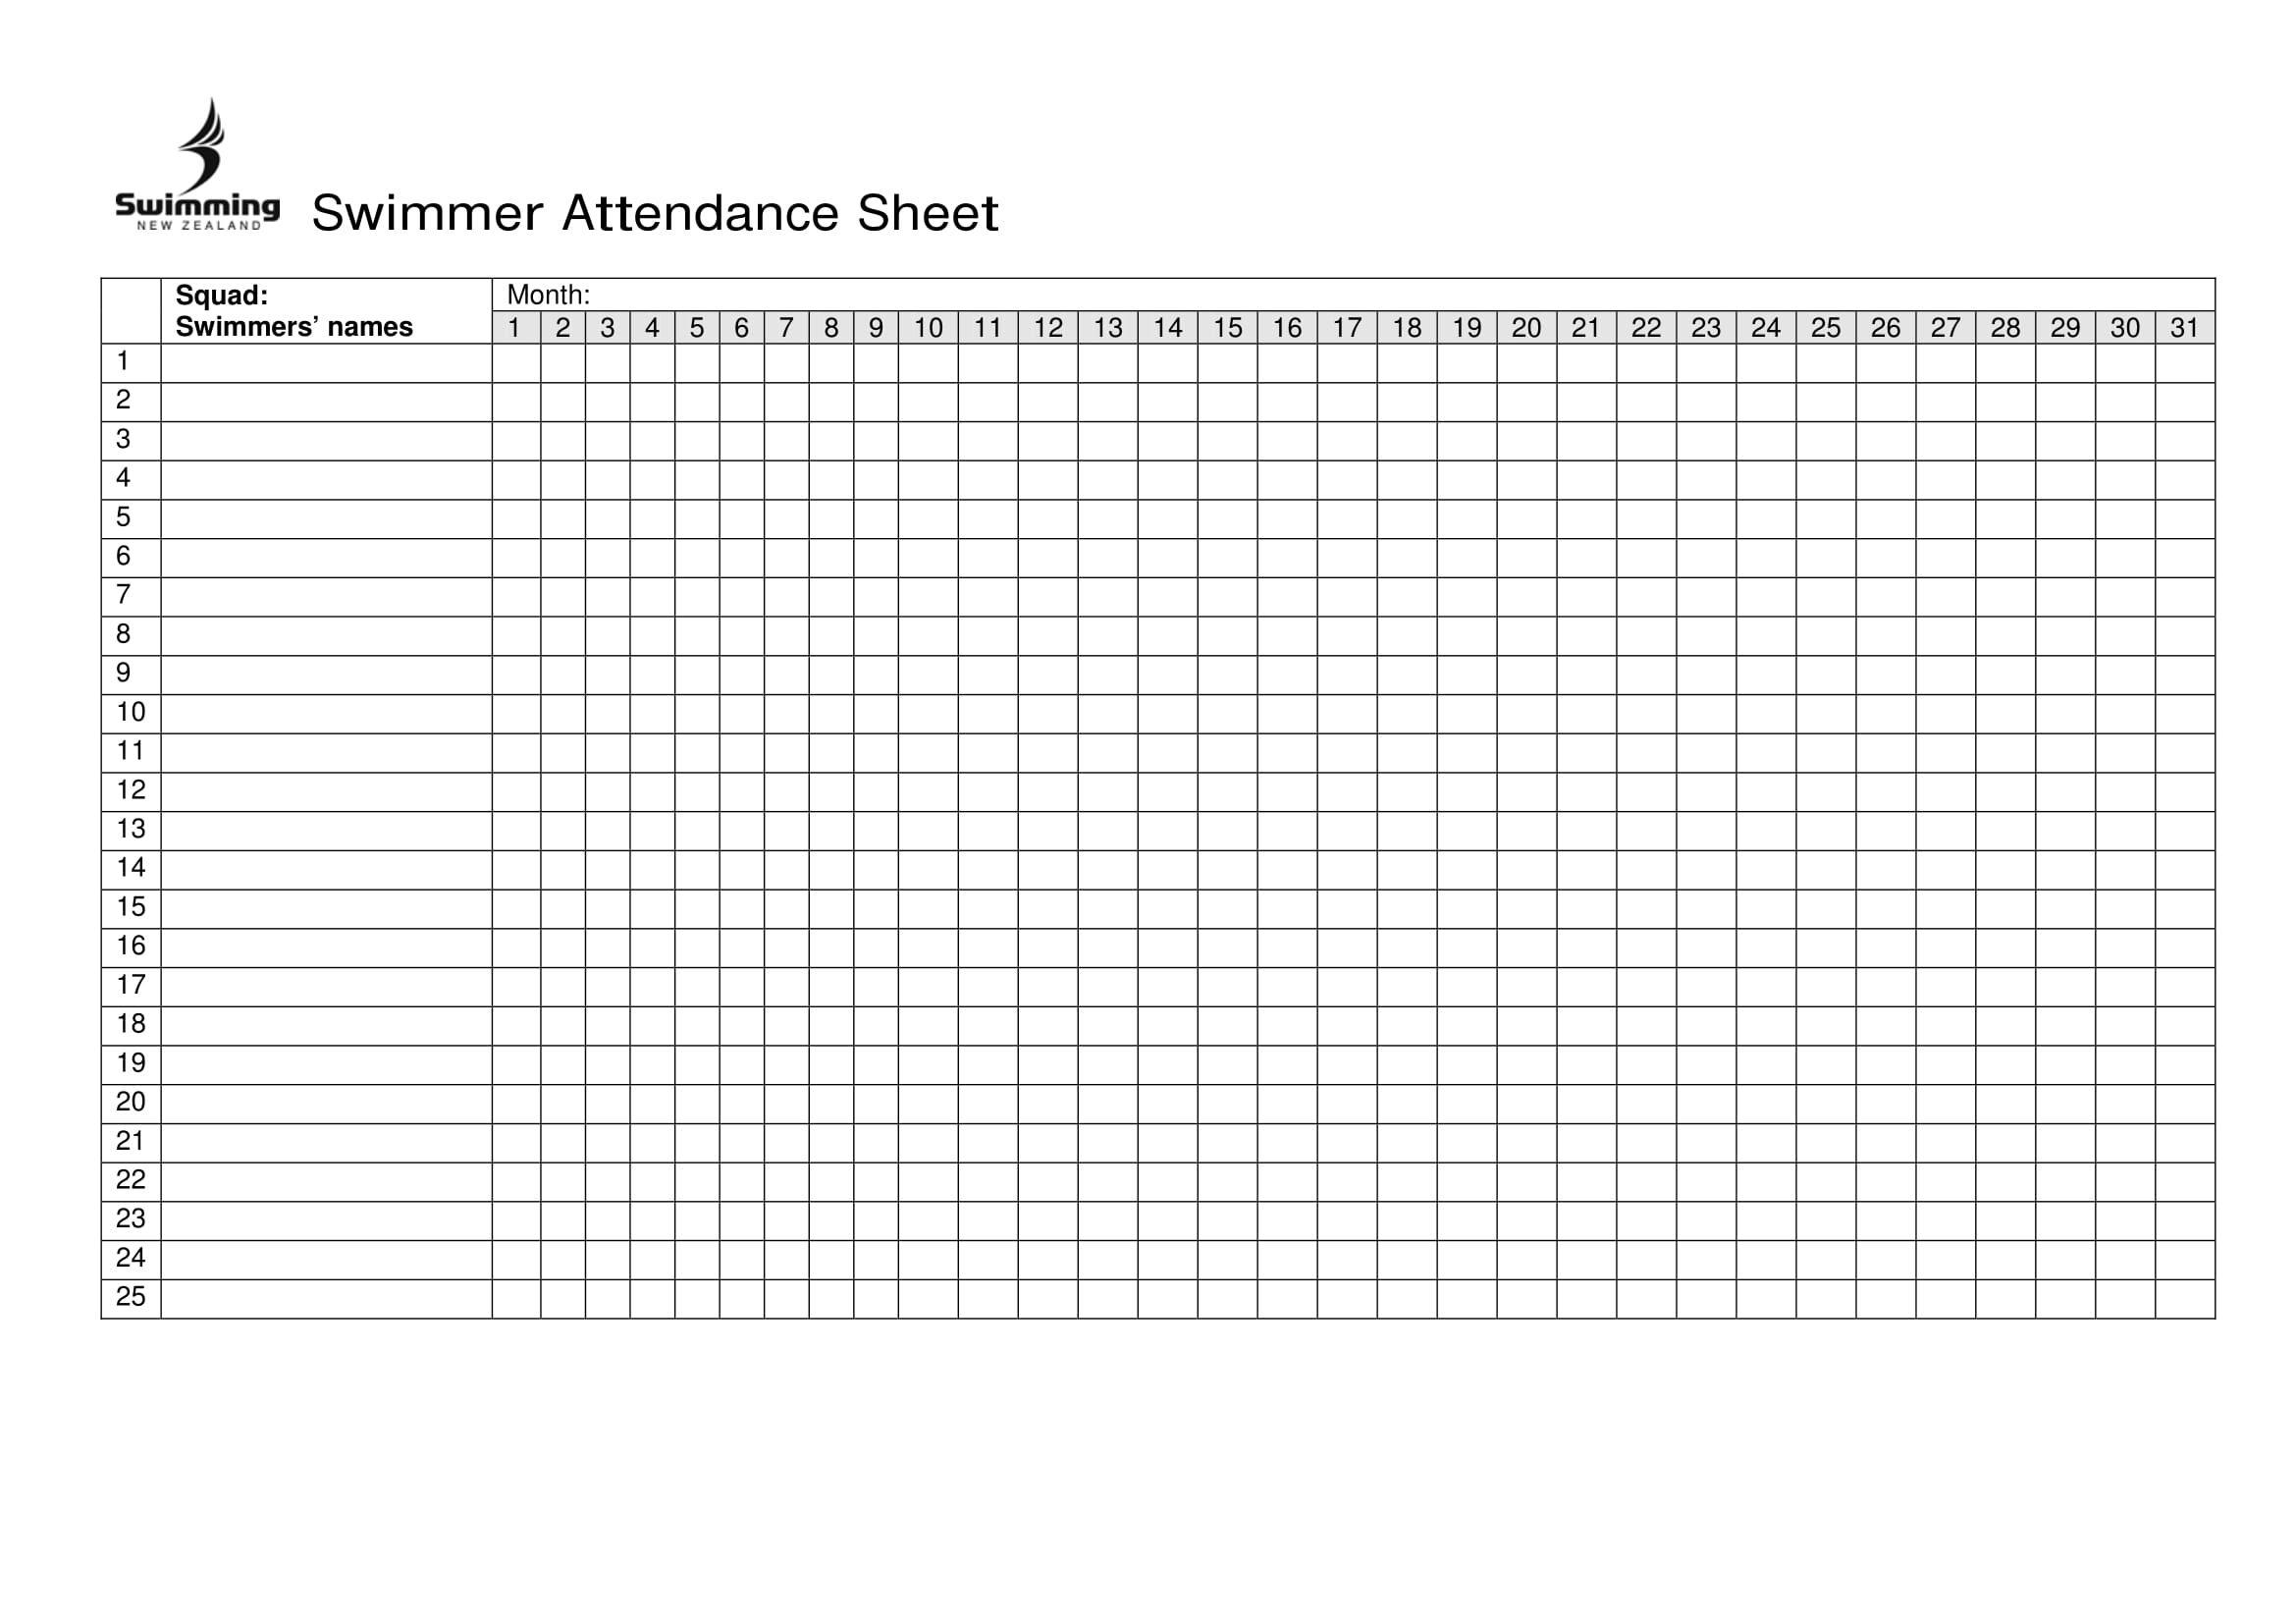 Swimmer Attendance Sheet Excel